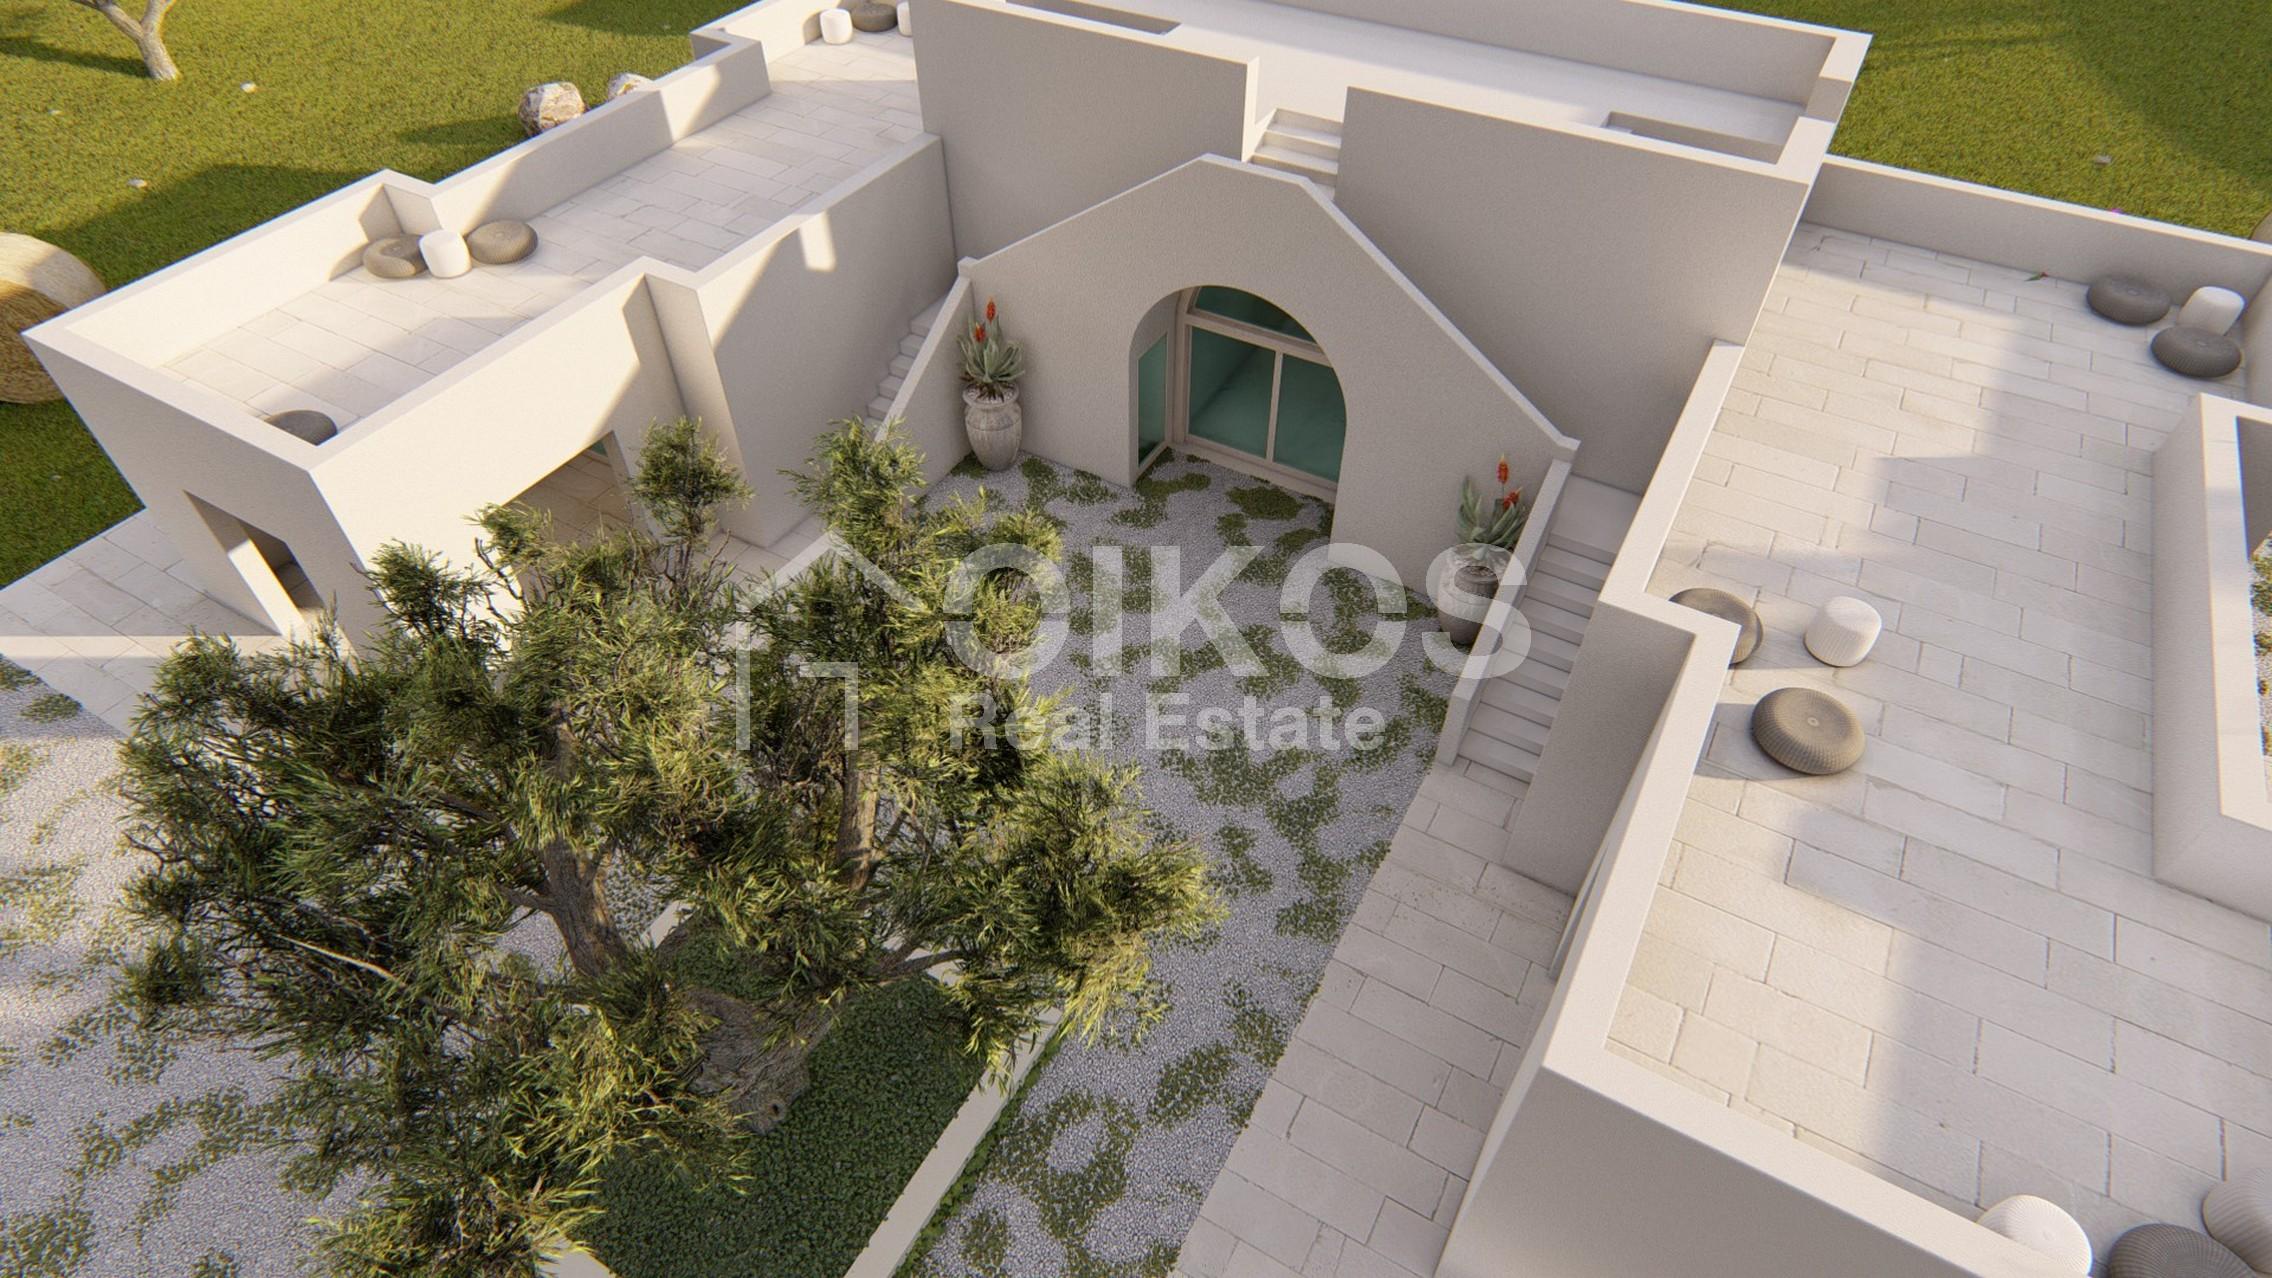 Baglio Zisola splendida Villa con giardino e piscina 1